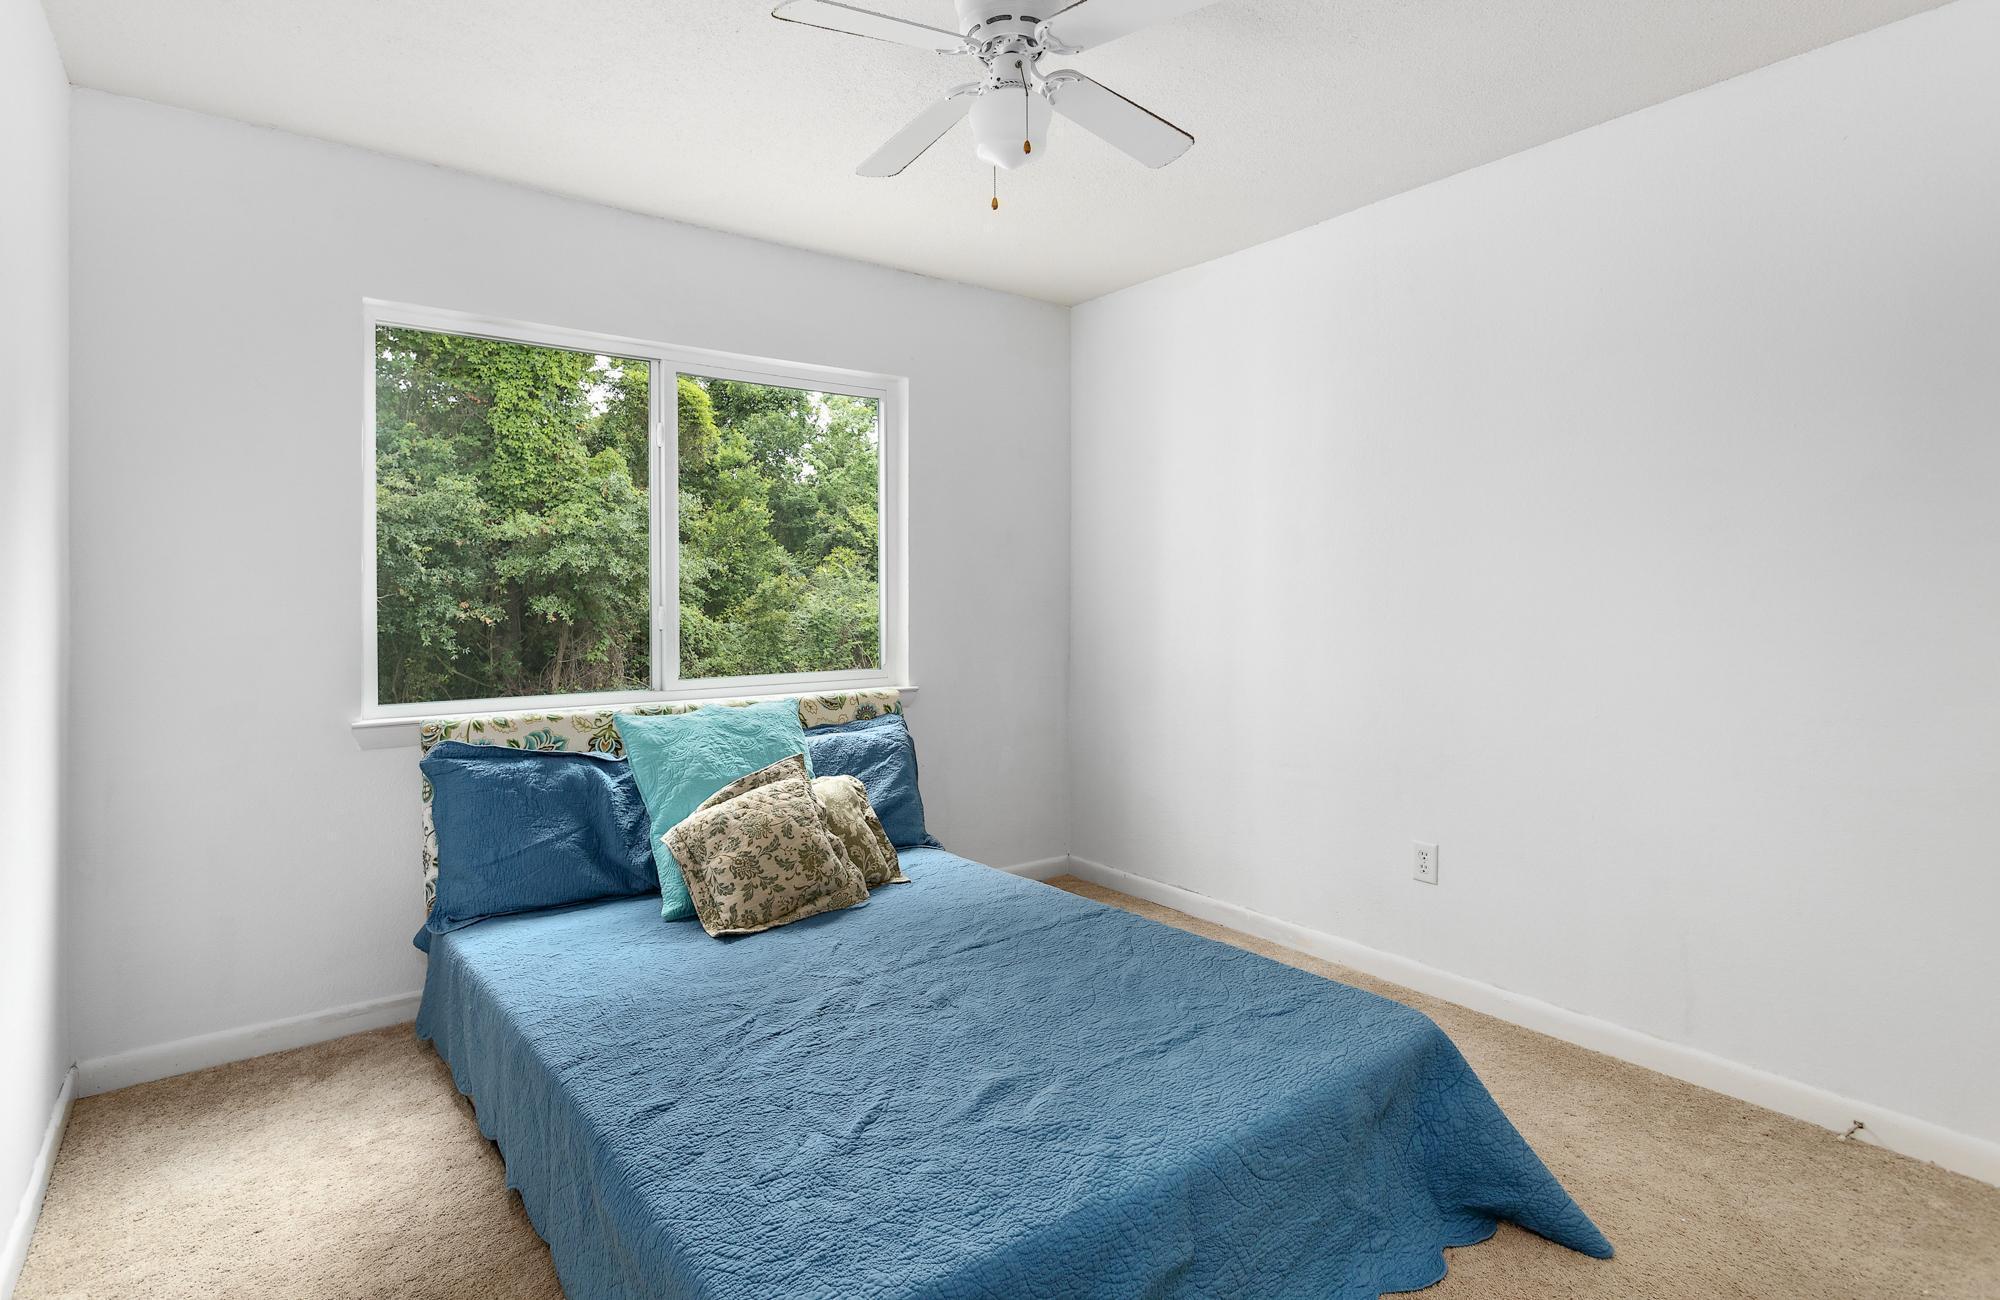 East Bridge Town Lofts Homes For Sale - 268 Alexandra, Mount Pleasant, SC - 8